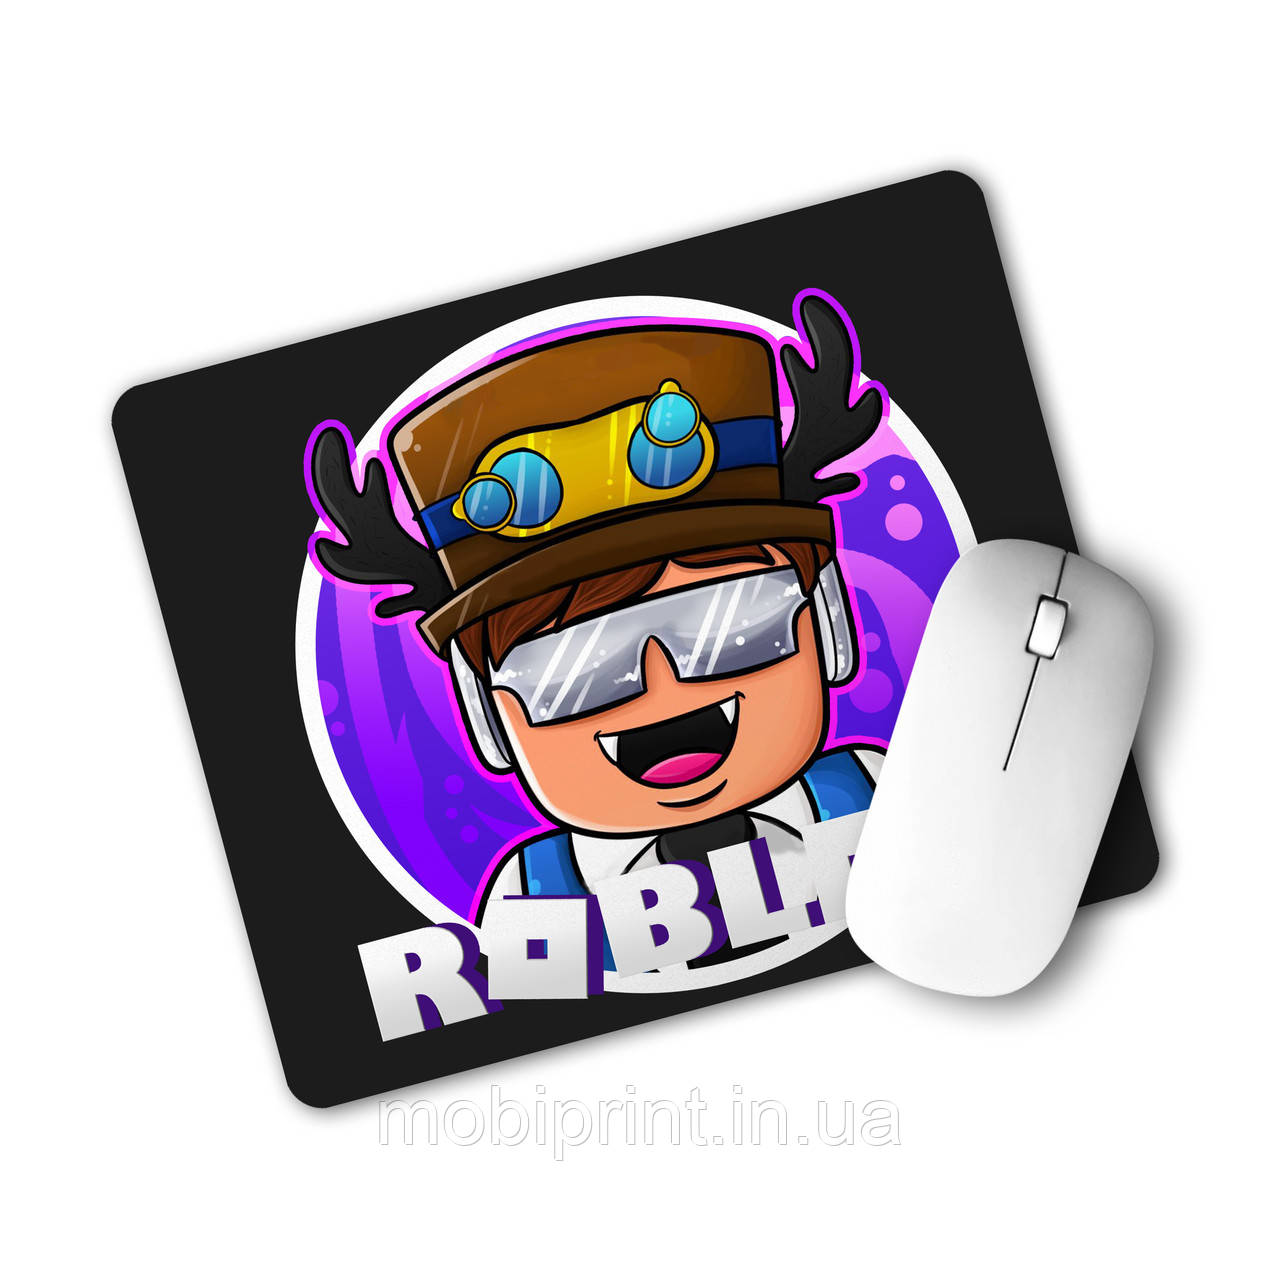 Коврик для мышки Роблокс (Roblox) (25108-1218)